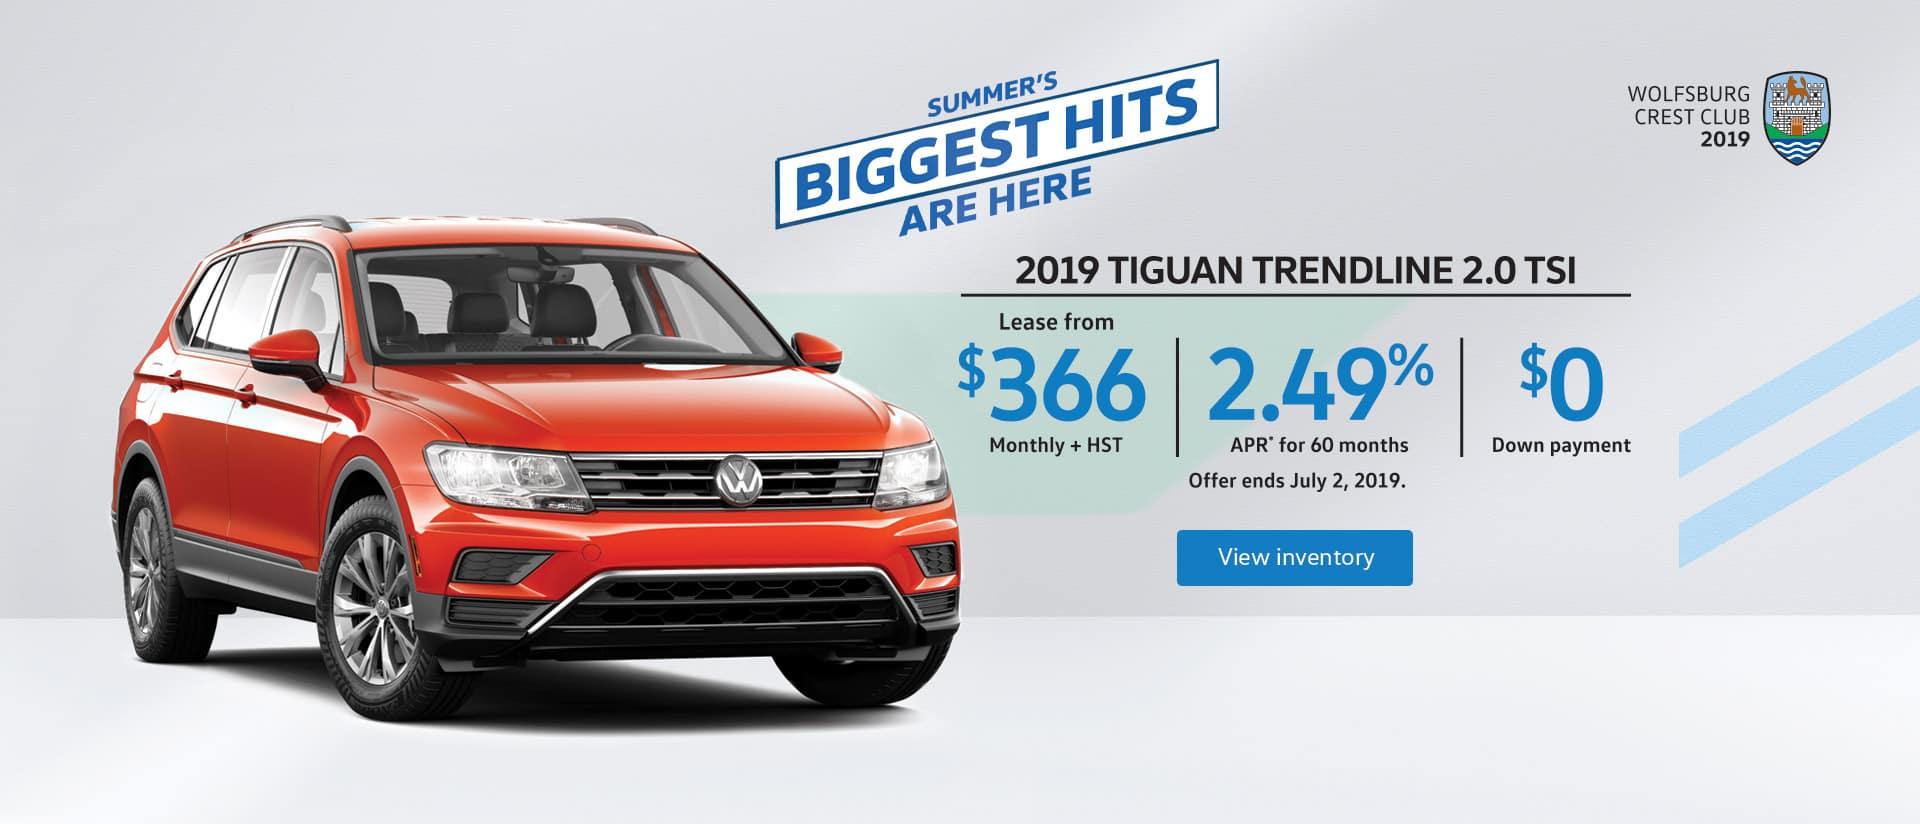 Volkswagen Tiguan Pfaff Newmarket